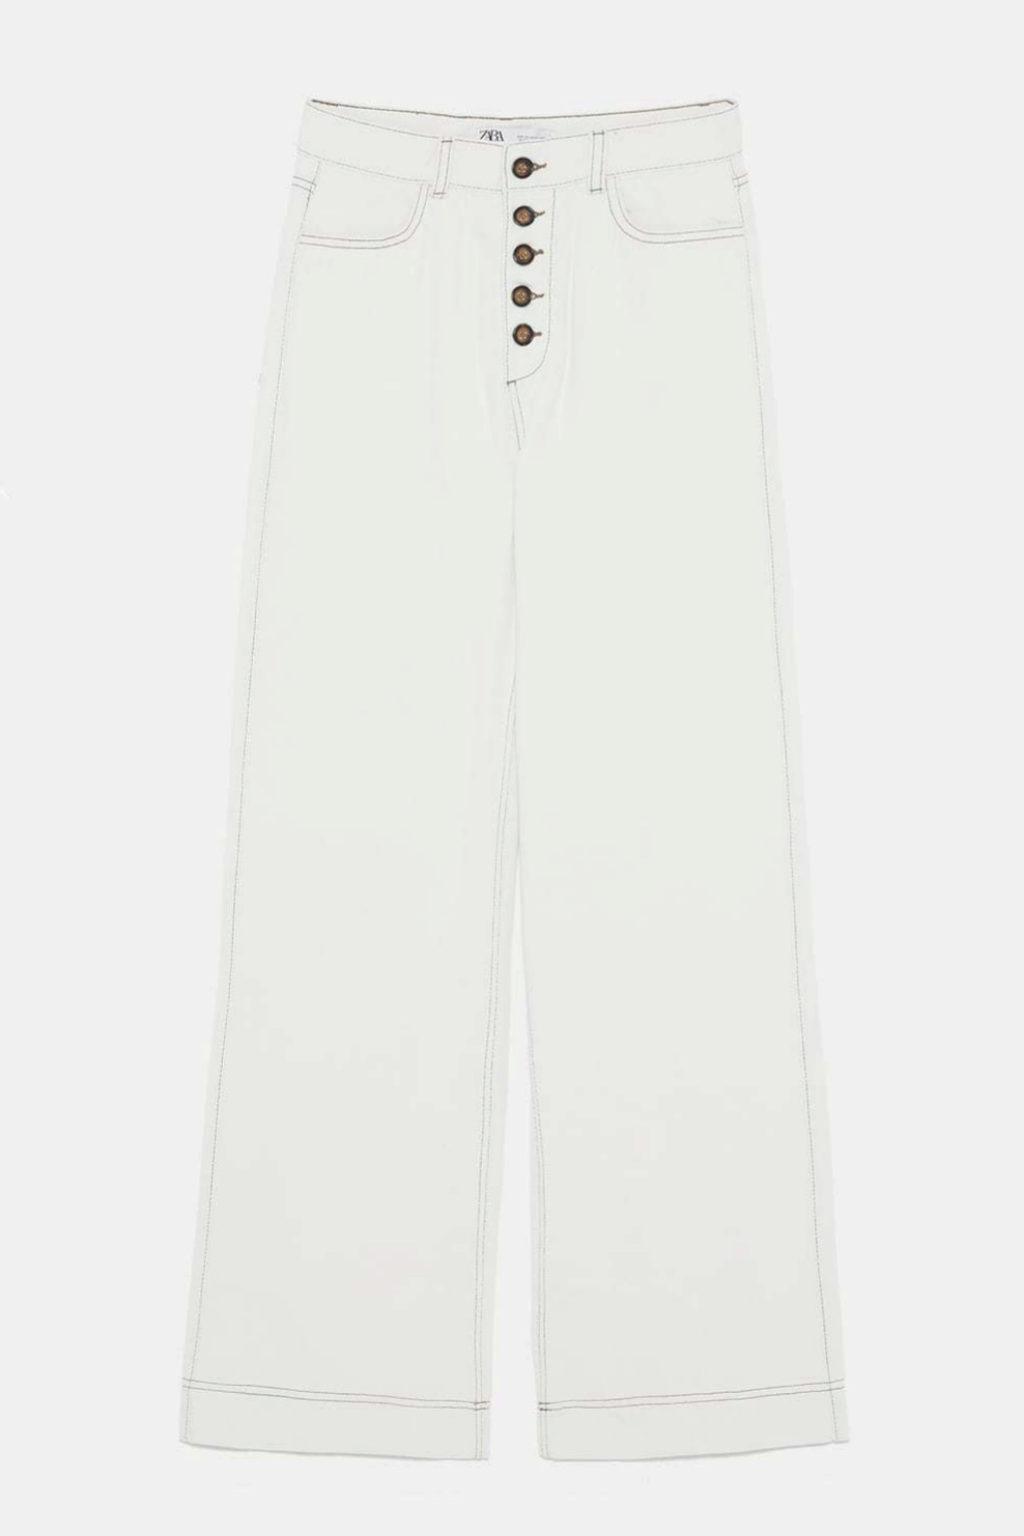 jeans blanco zara